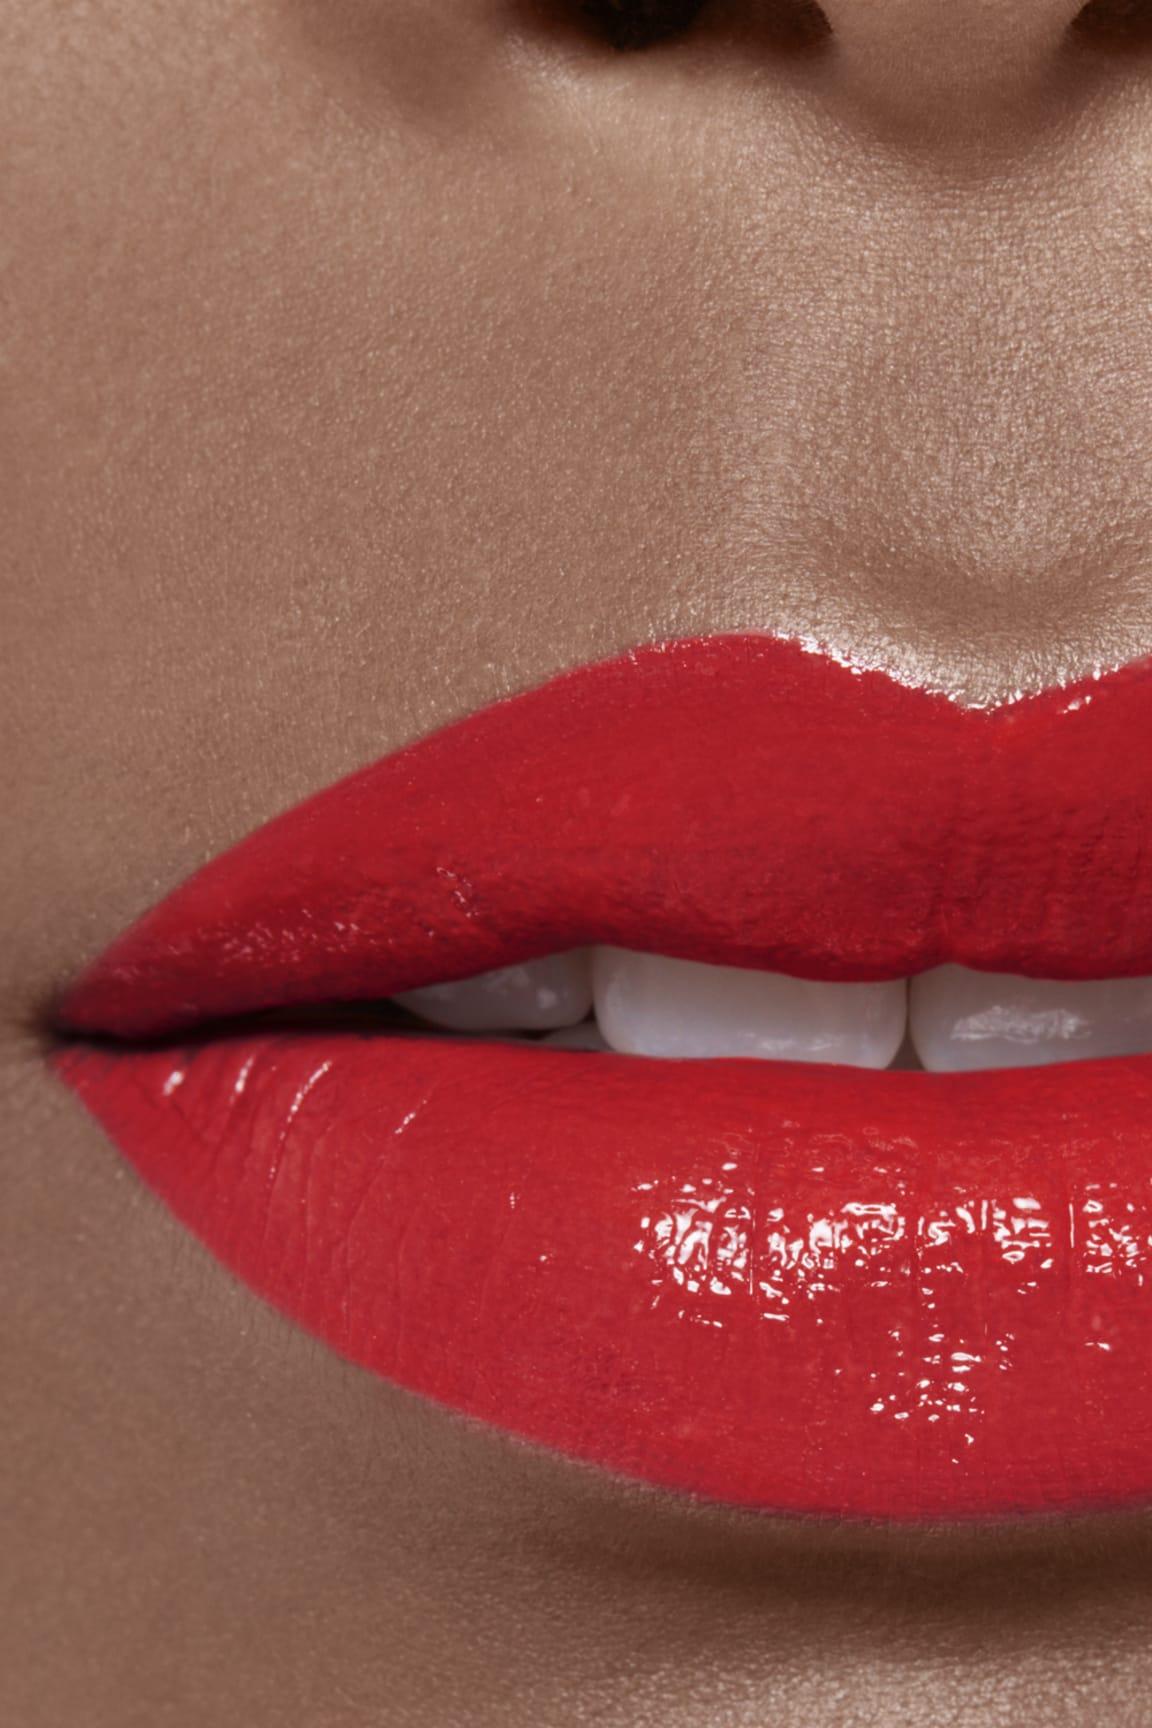 Imagen aplicación de maquillaje 2 - ROUGE ALLURE LAQUE 68 - UNLIMITED